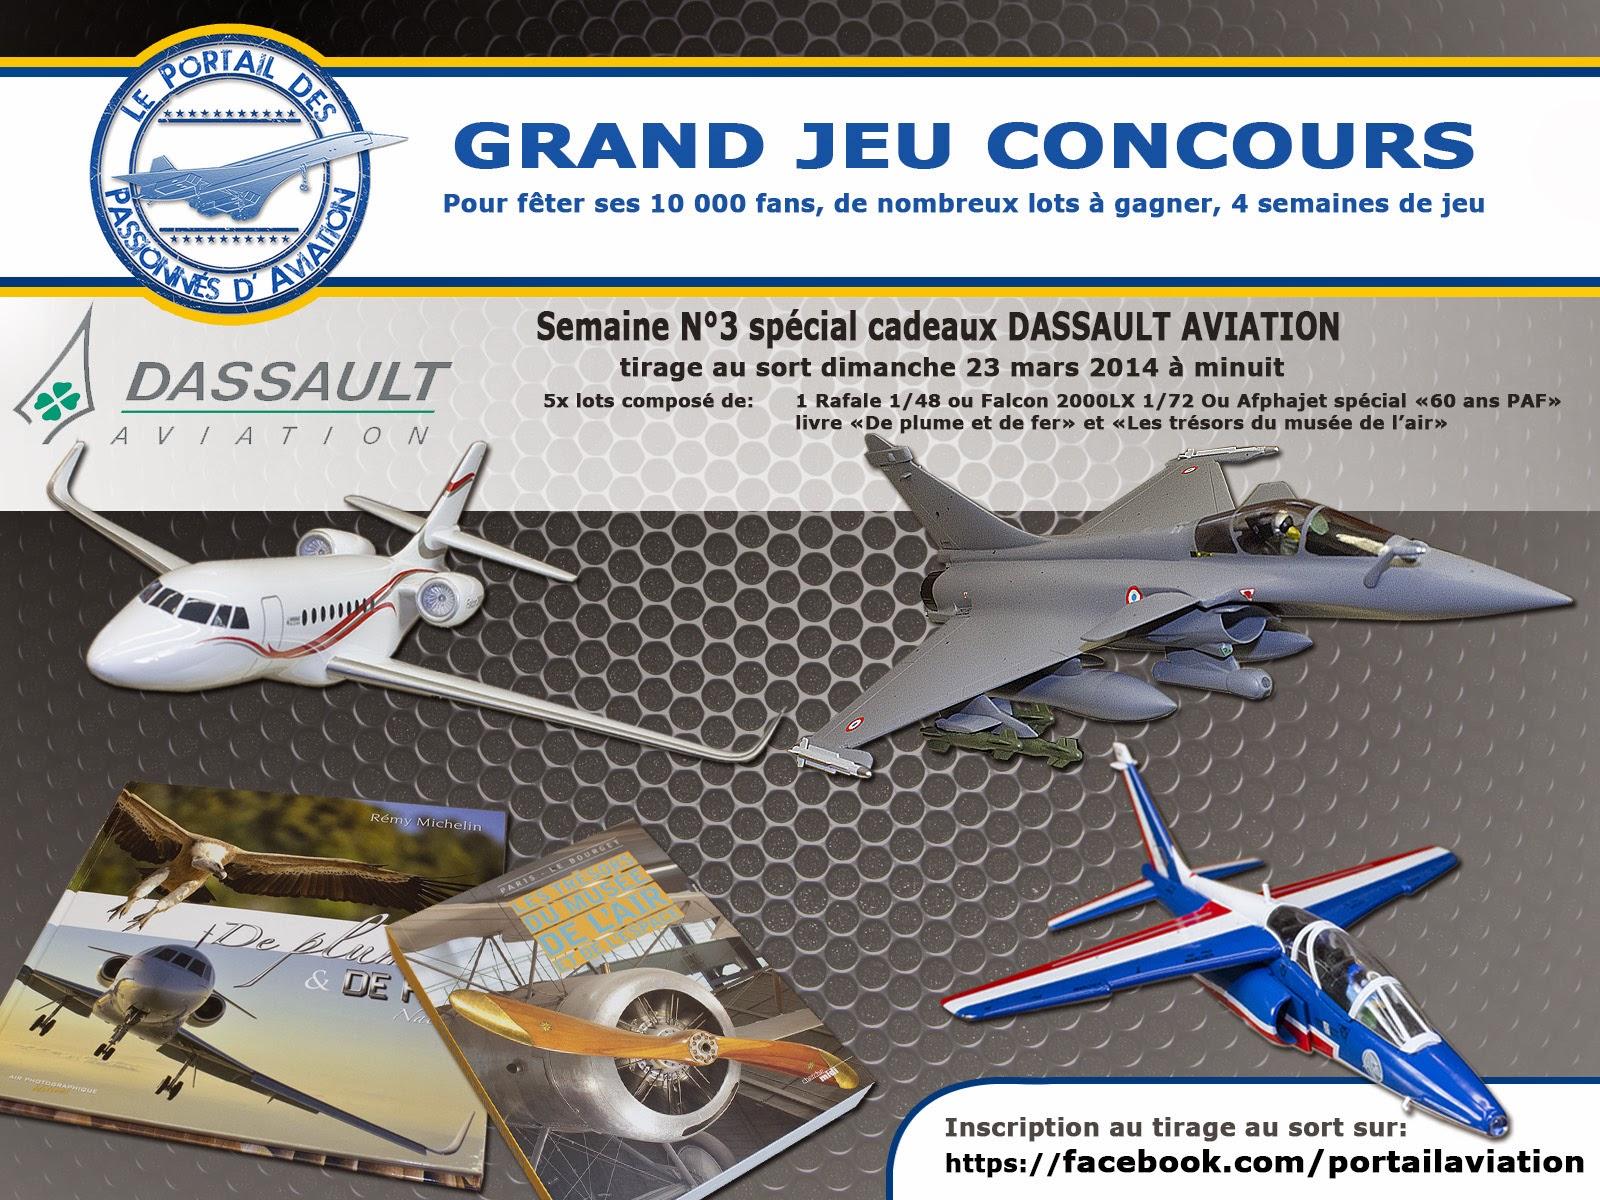 Grand Jeu concours, semaine spéciale Dassault Aviation